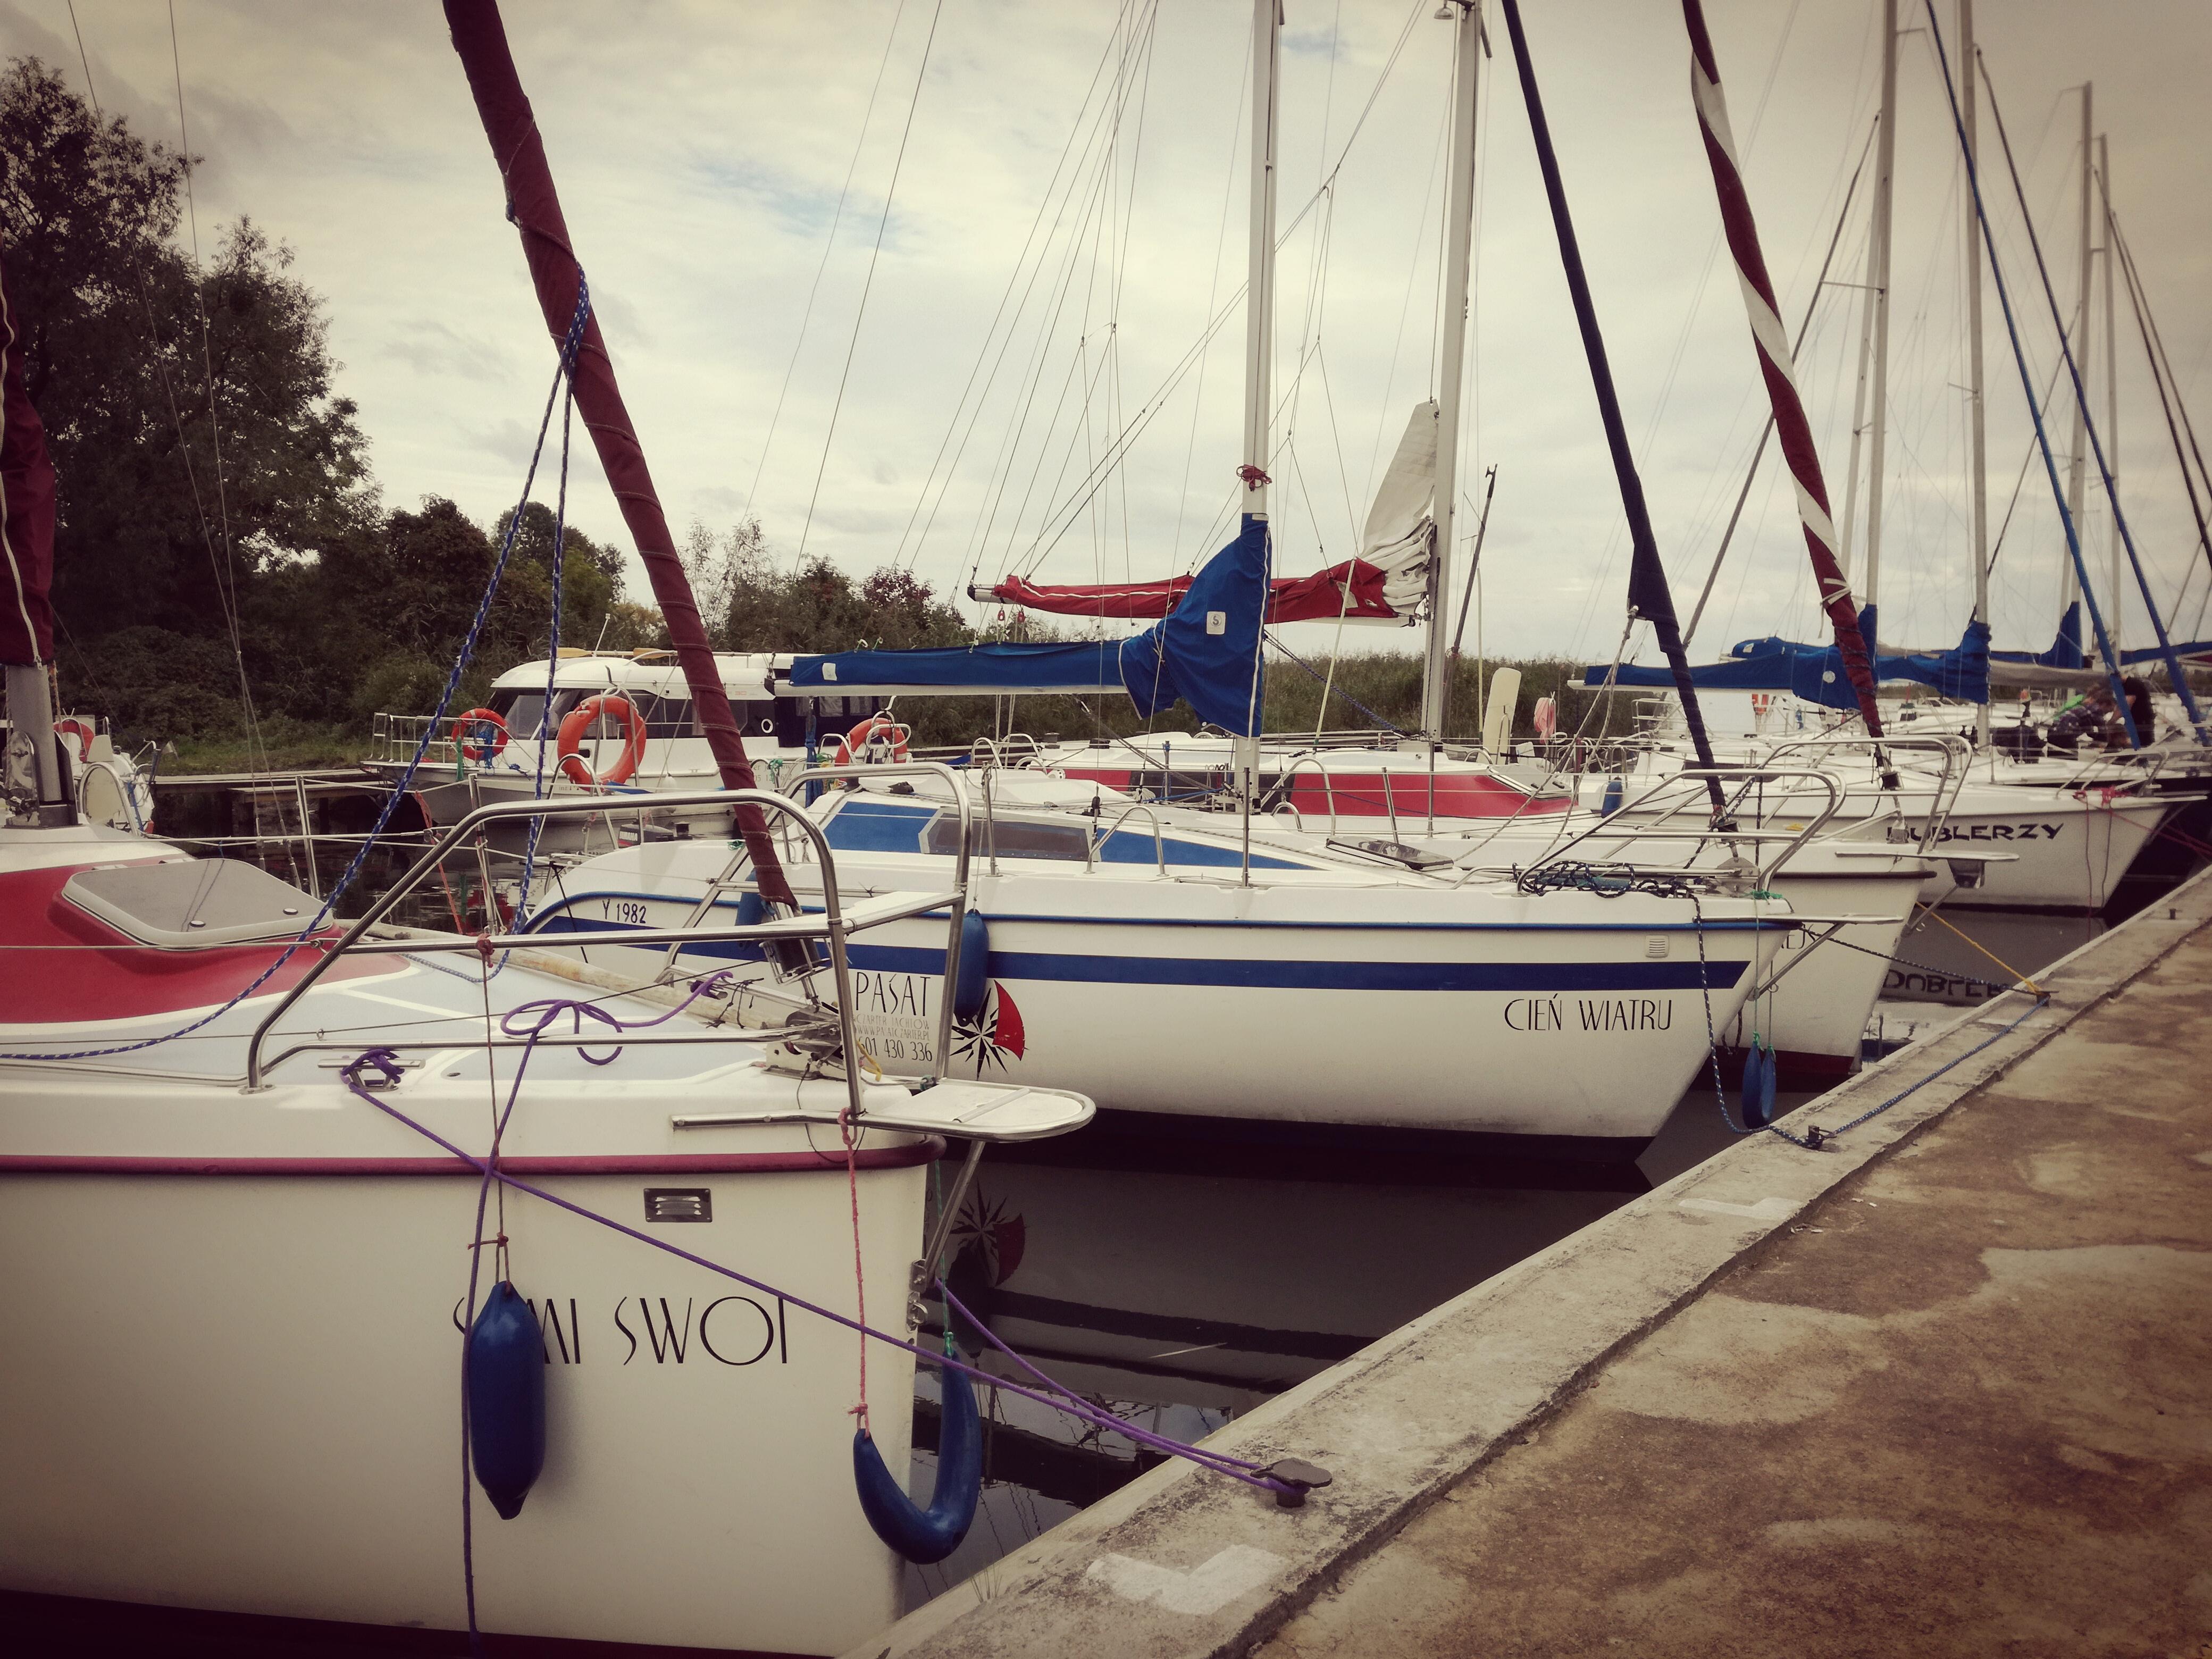 łódki przycumowane do pomostu